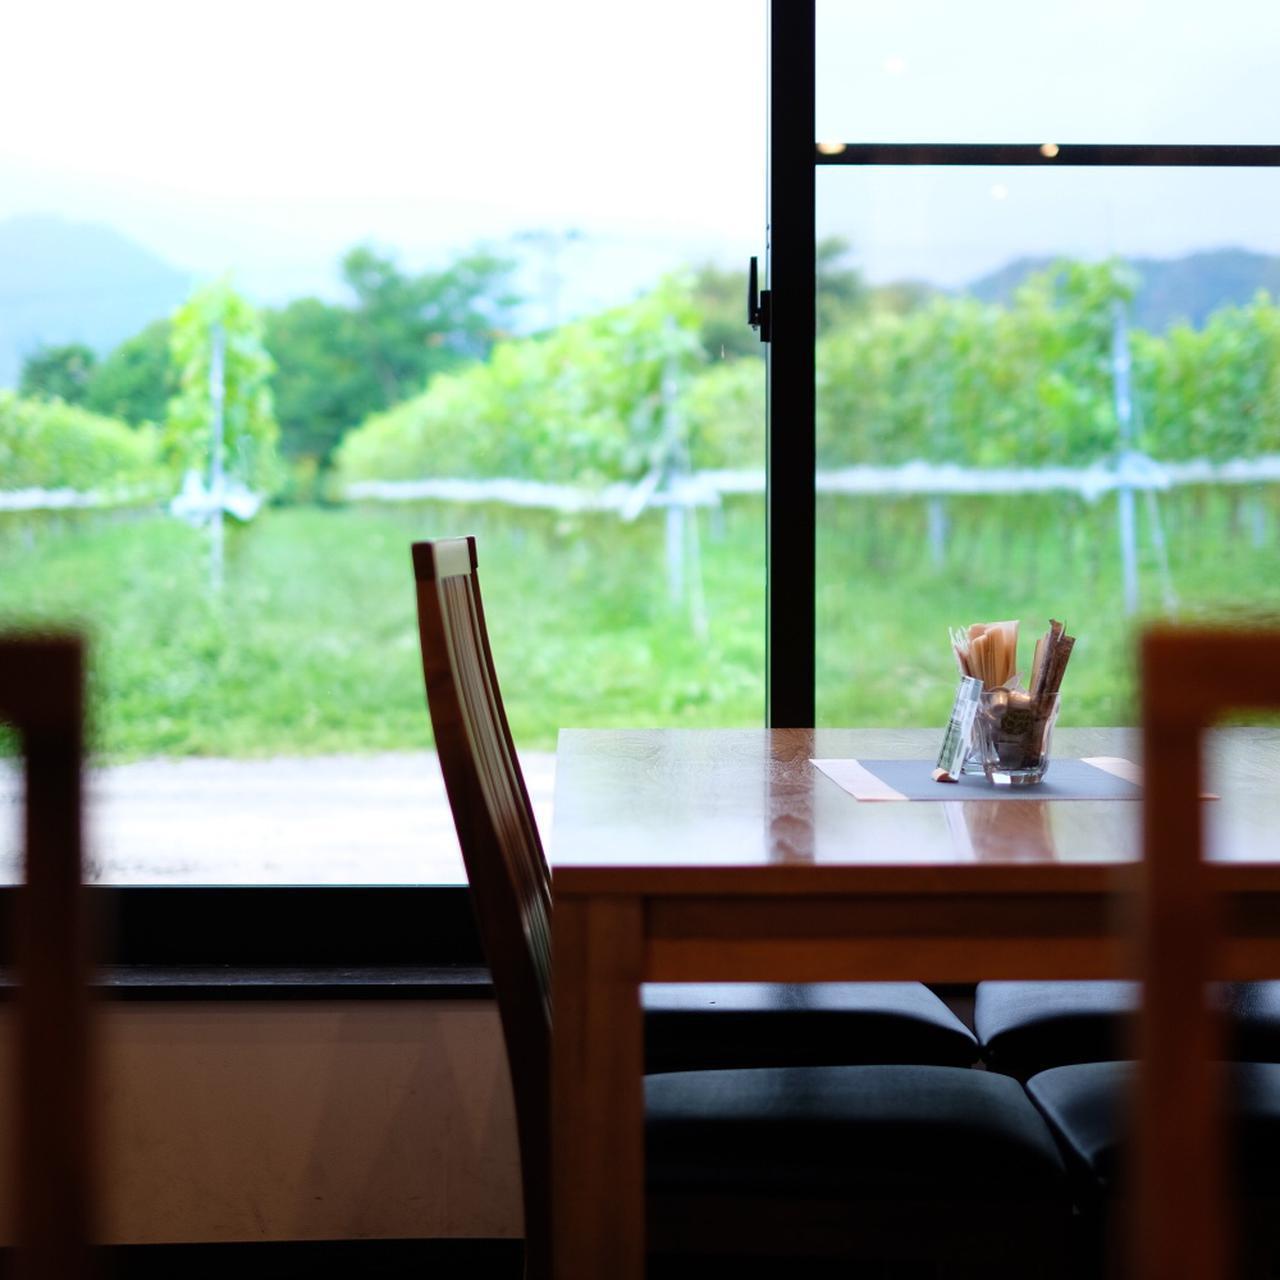 画像: すぐ目の前はぶどう畑。窓を開ければ手が届きそうなほど畑に近いです。ぶどうは、摘みたてをそのまま工場へ。栽培、醸造、熟成、瓶詰をすべてこの場所で行っています。